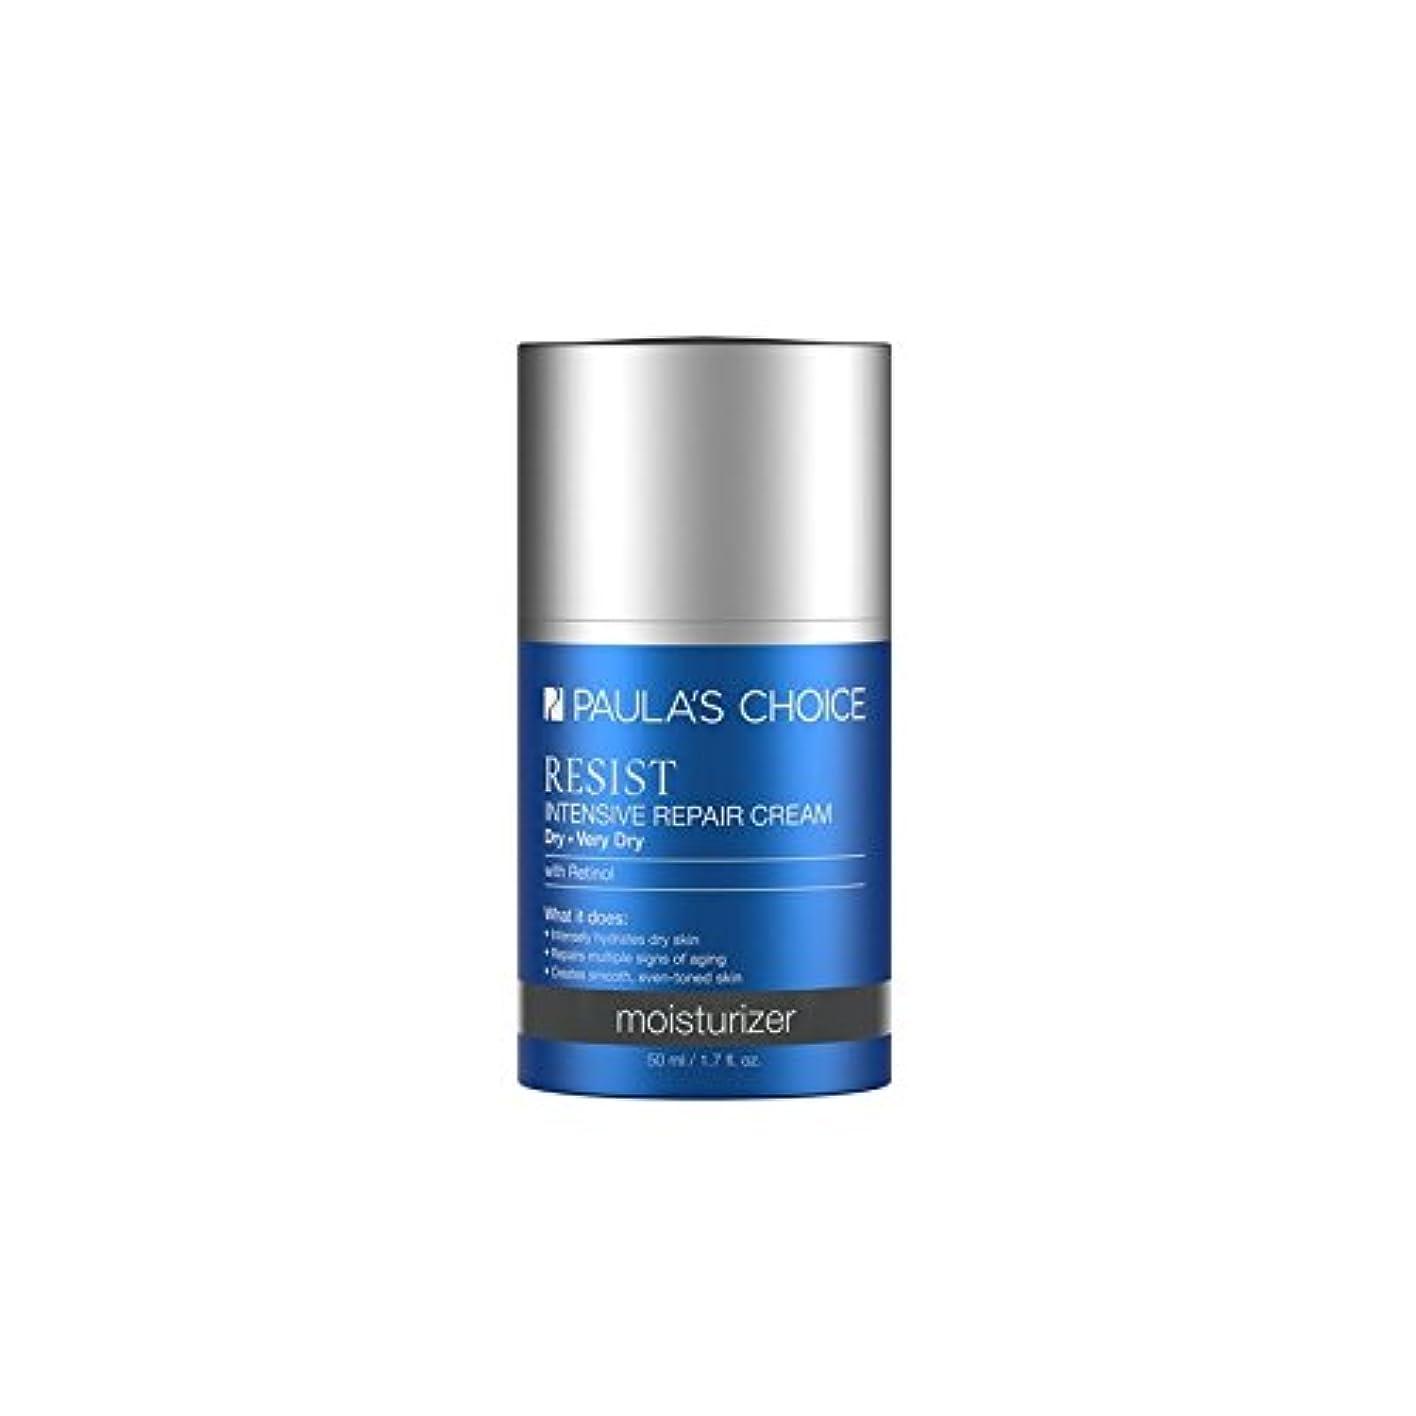 注入するロールペフPaula's Choice Resist Intensive Repair Cream (50ml) - ポーラチョイスの集中リペアクリーム(50)に抵抗します [並行輸入品]